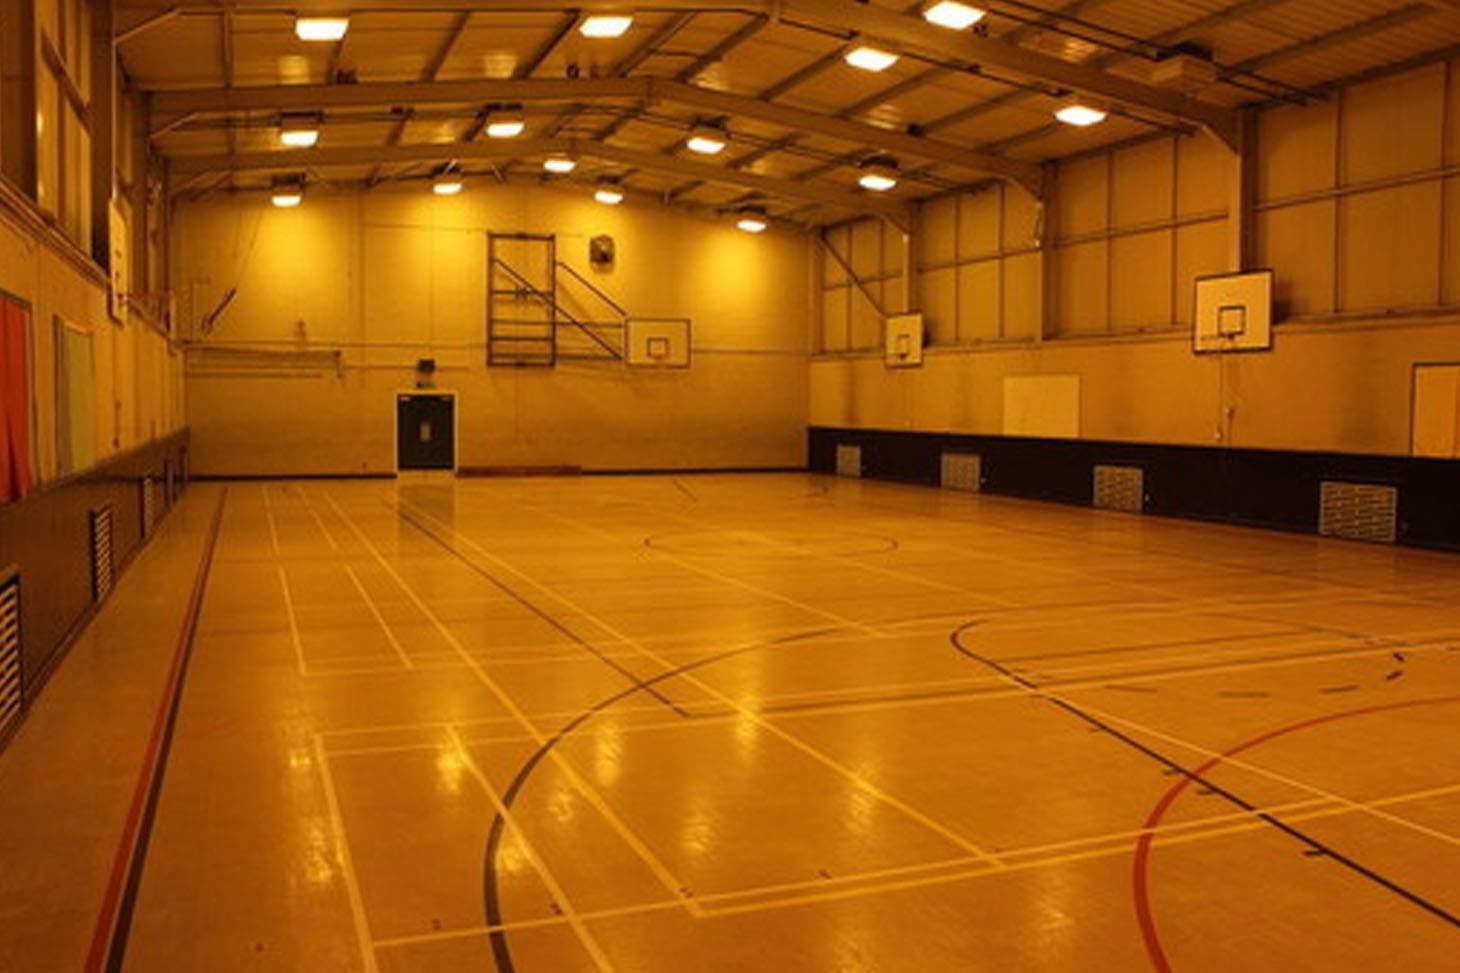 Light Hall School Indoor basketball court